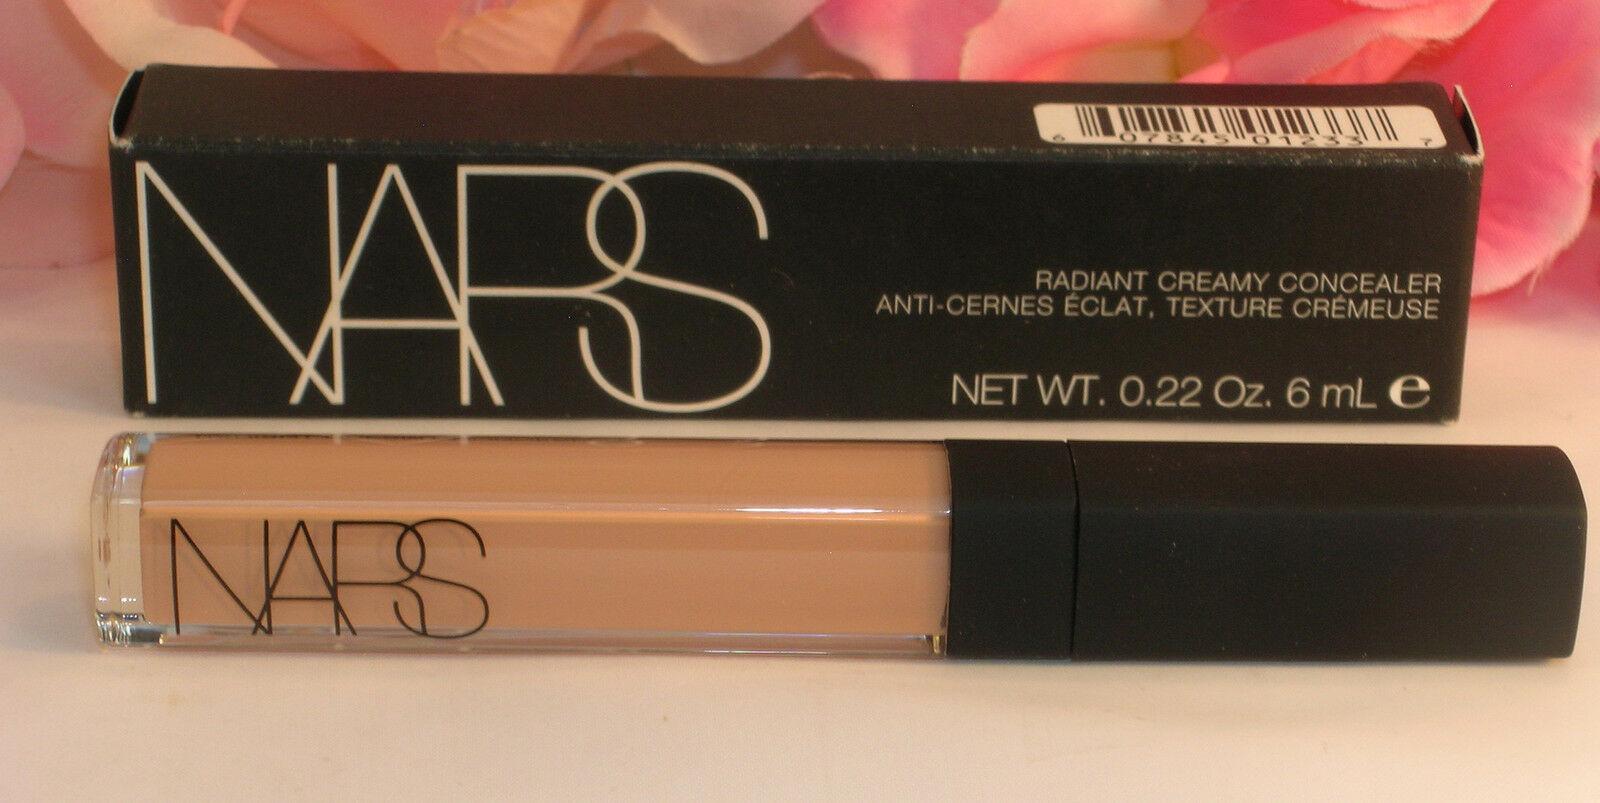 New NARS Radiant Cream Concealer Light 3 Honey # 1233  .22 oz / 6 ml Full Size - $19.99